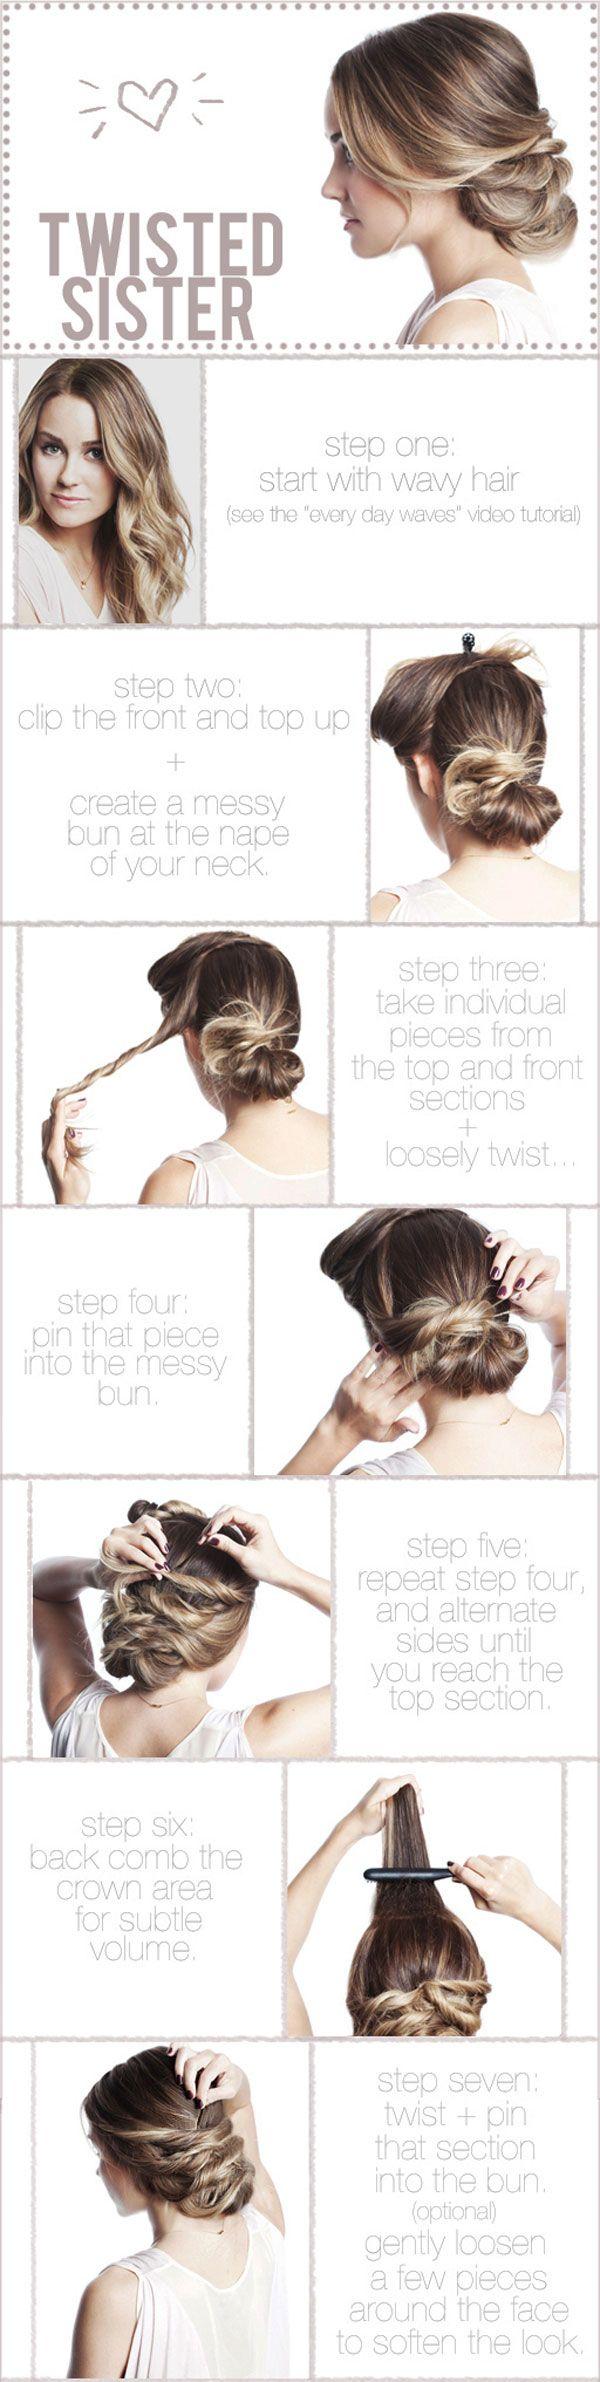 Diy 10 Chignons Et Coiffures A Faire Soi Meme Hairstyles